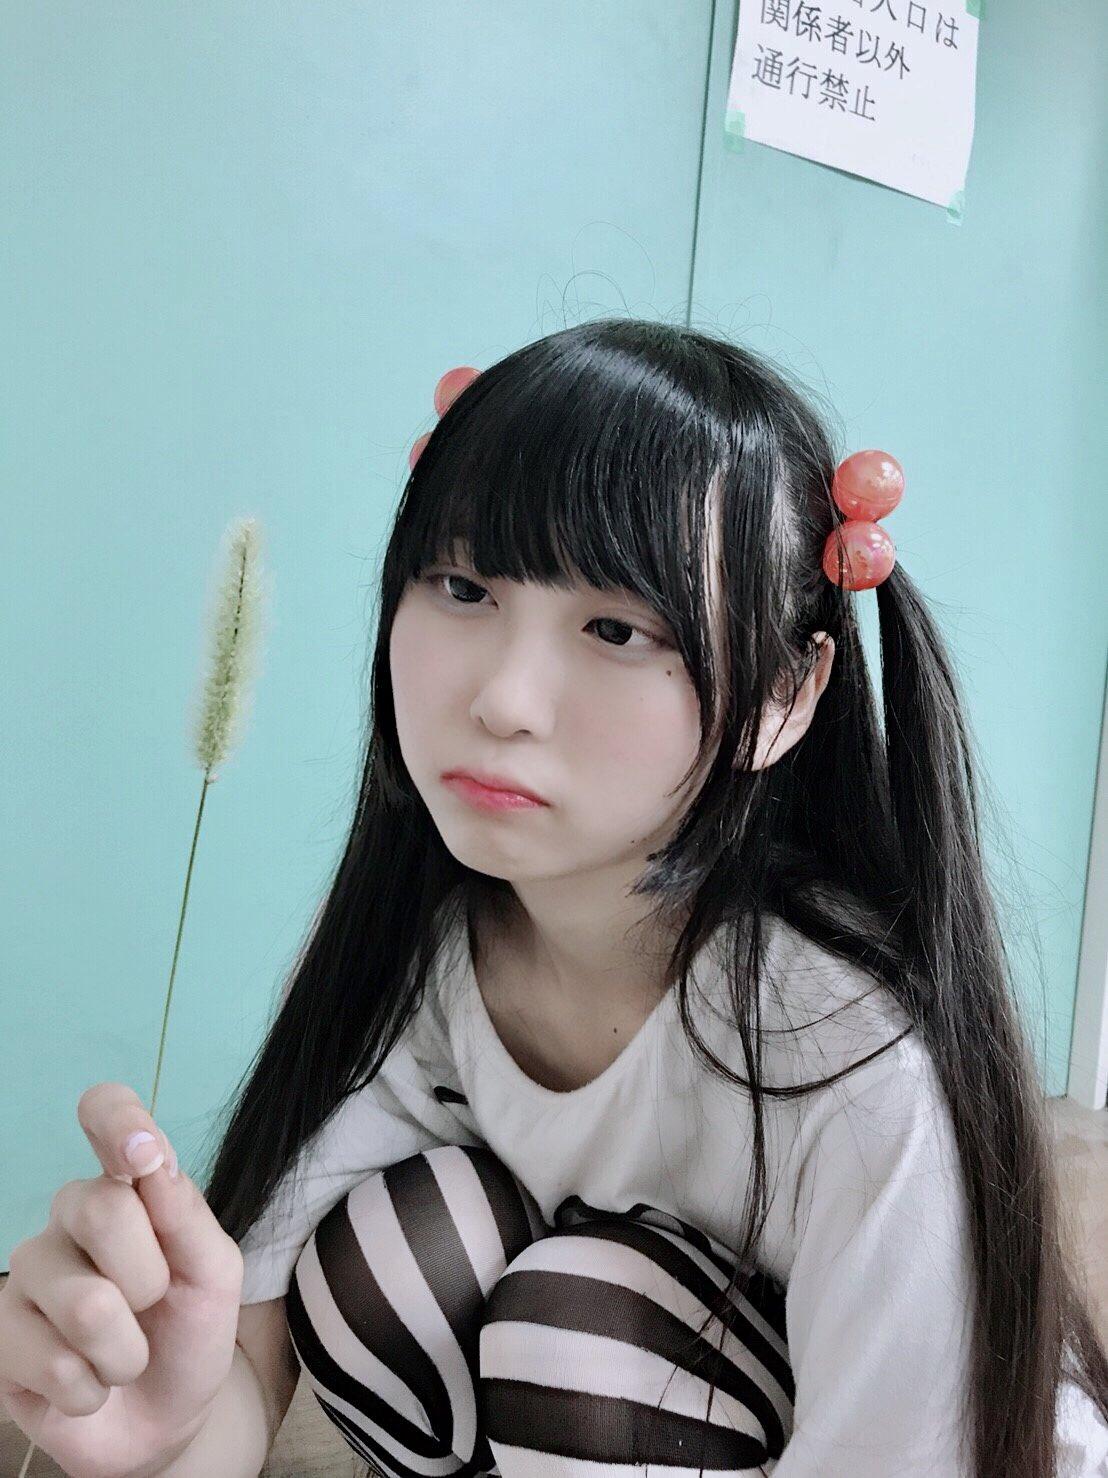 高嶺ヒナ 双马尾 黑长直 美少女003